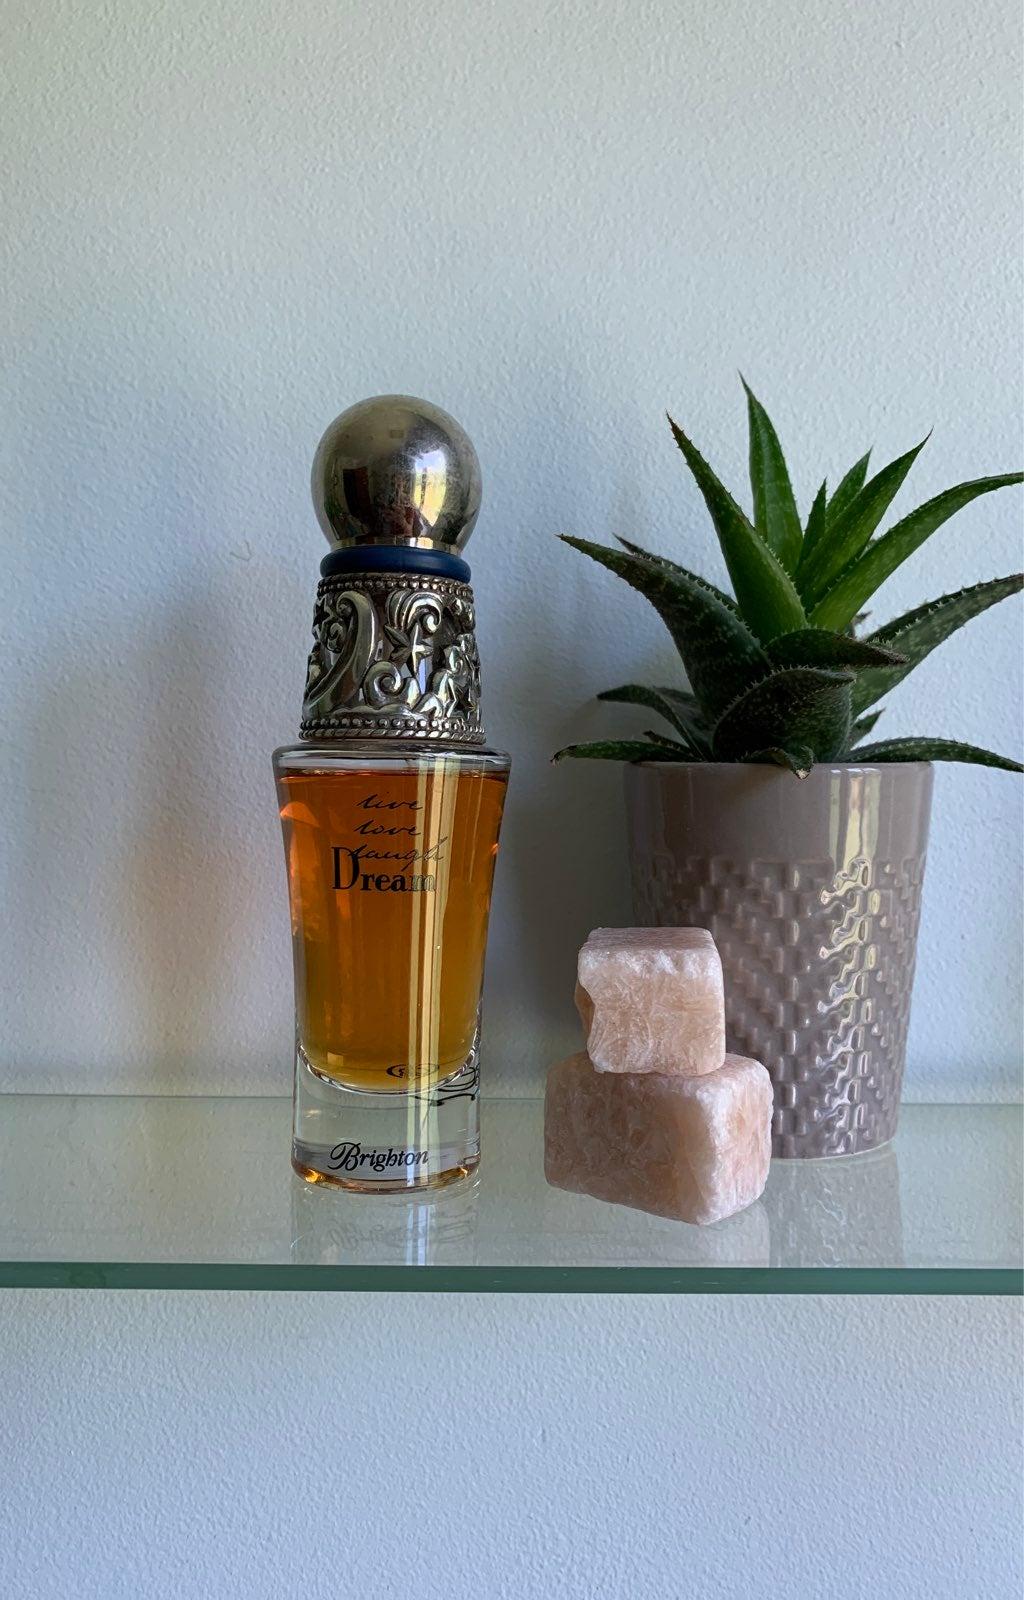 Brighton Live Love Laugh Dream Perfume